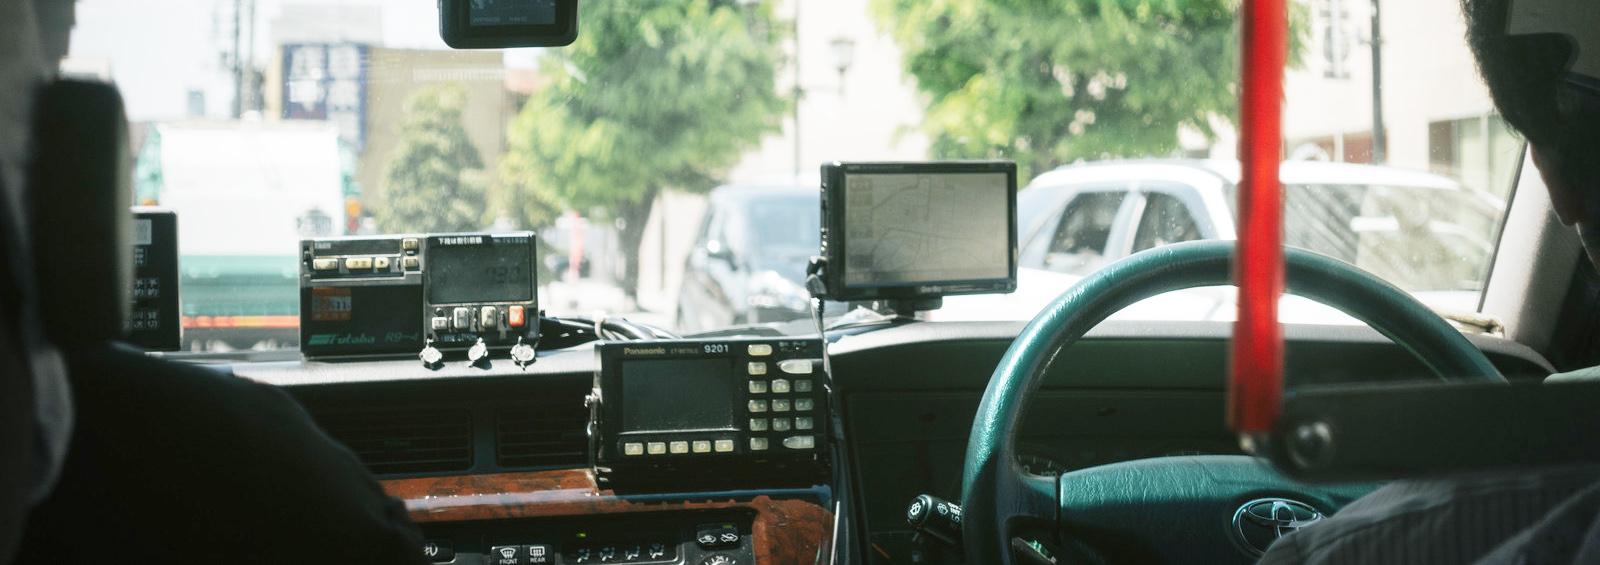 タクシー業界ガイド